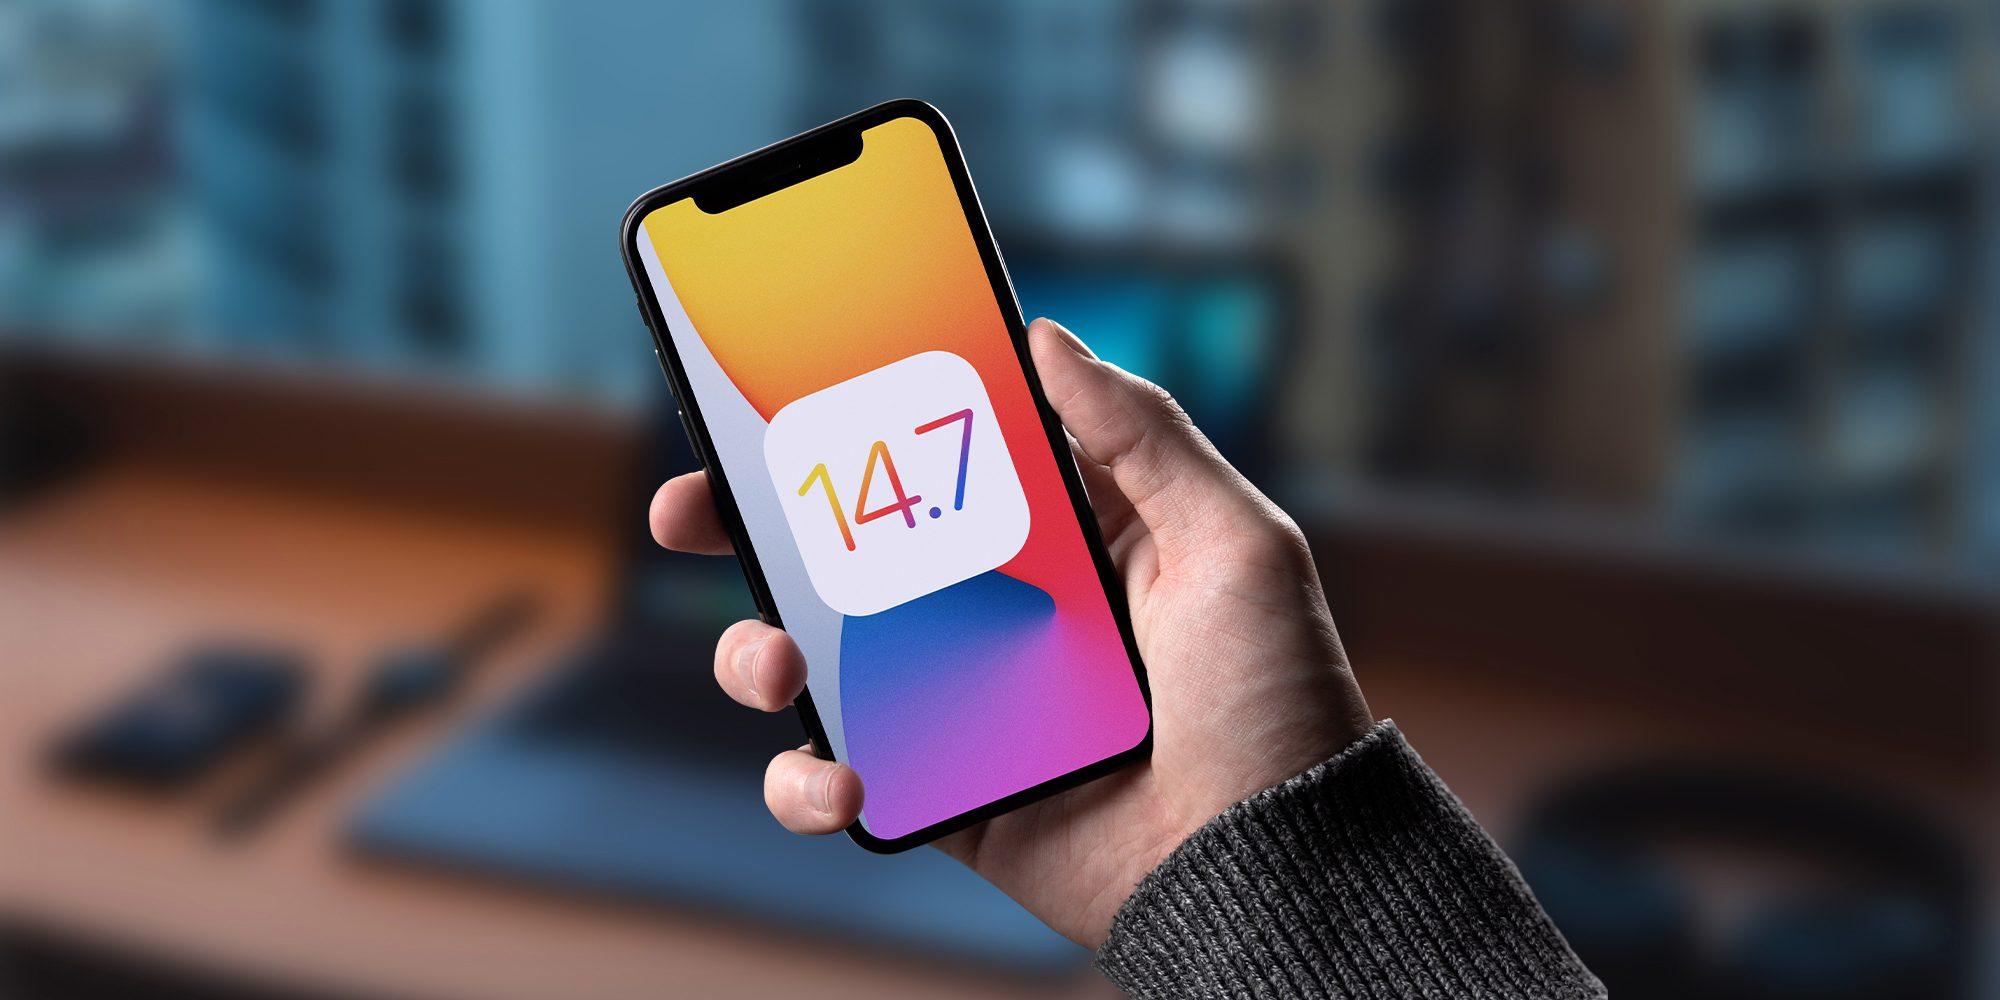 Apple liberó iOS 14.7.1 para corregir fallas en el Apple Watch